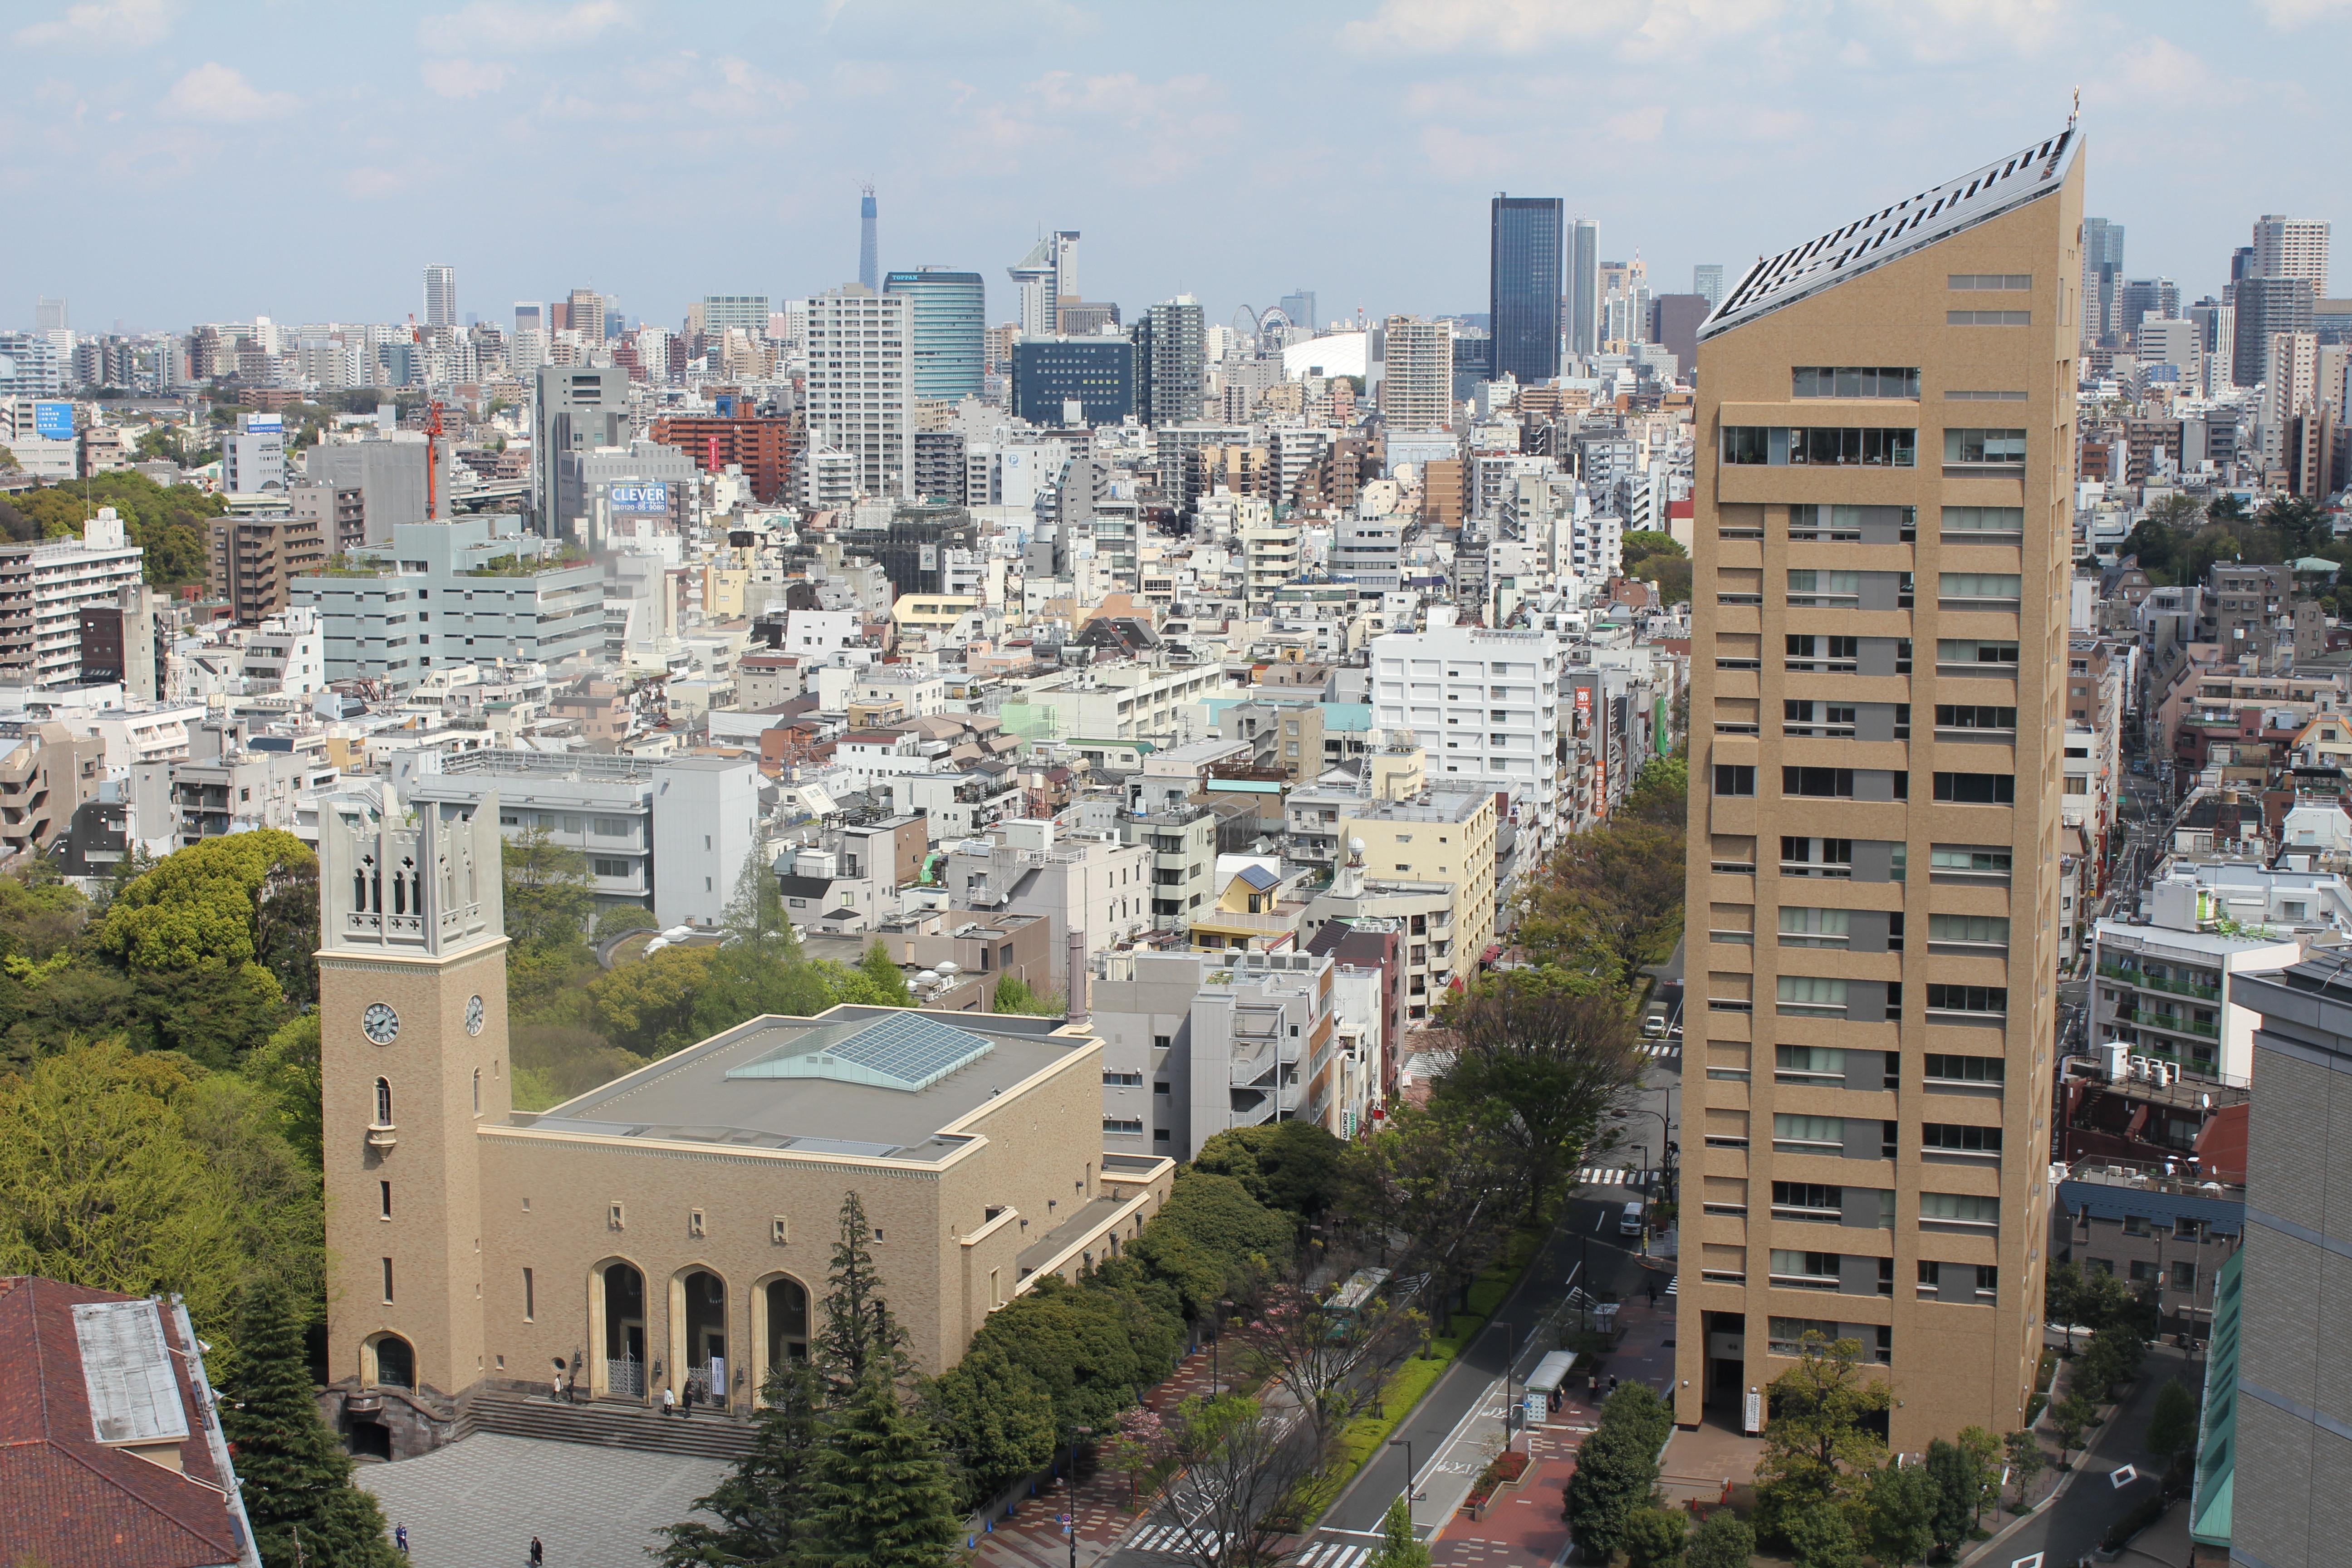 File:Waseda University - Okuma auditorium and Okuma tower JPG